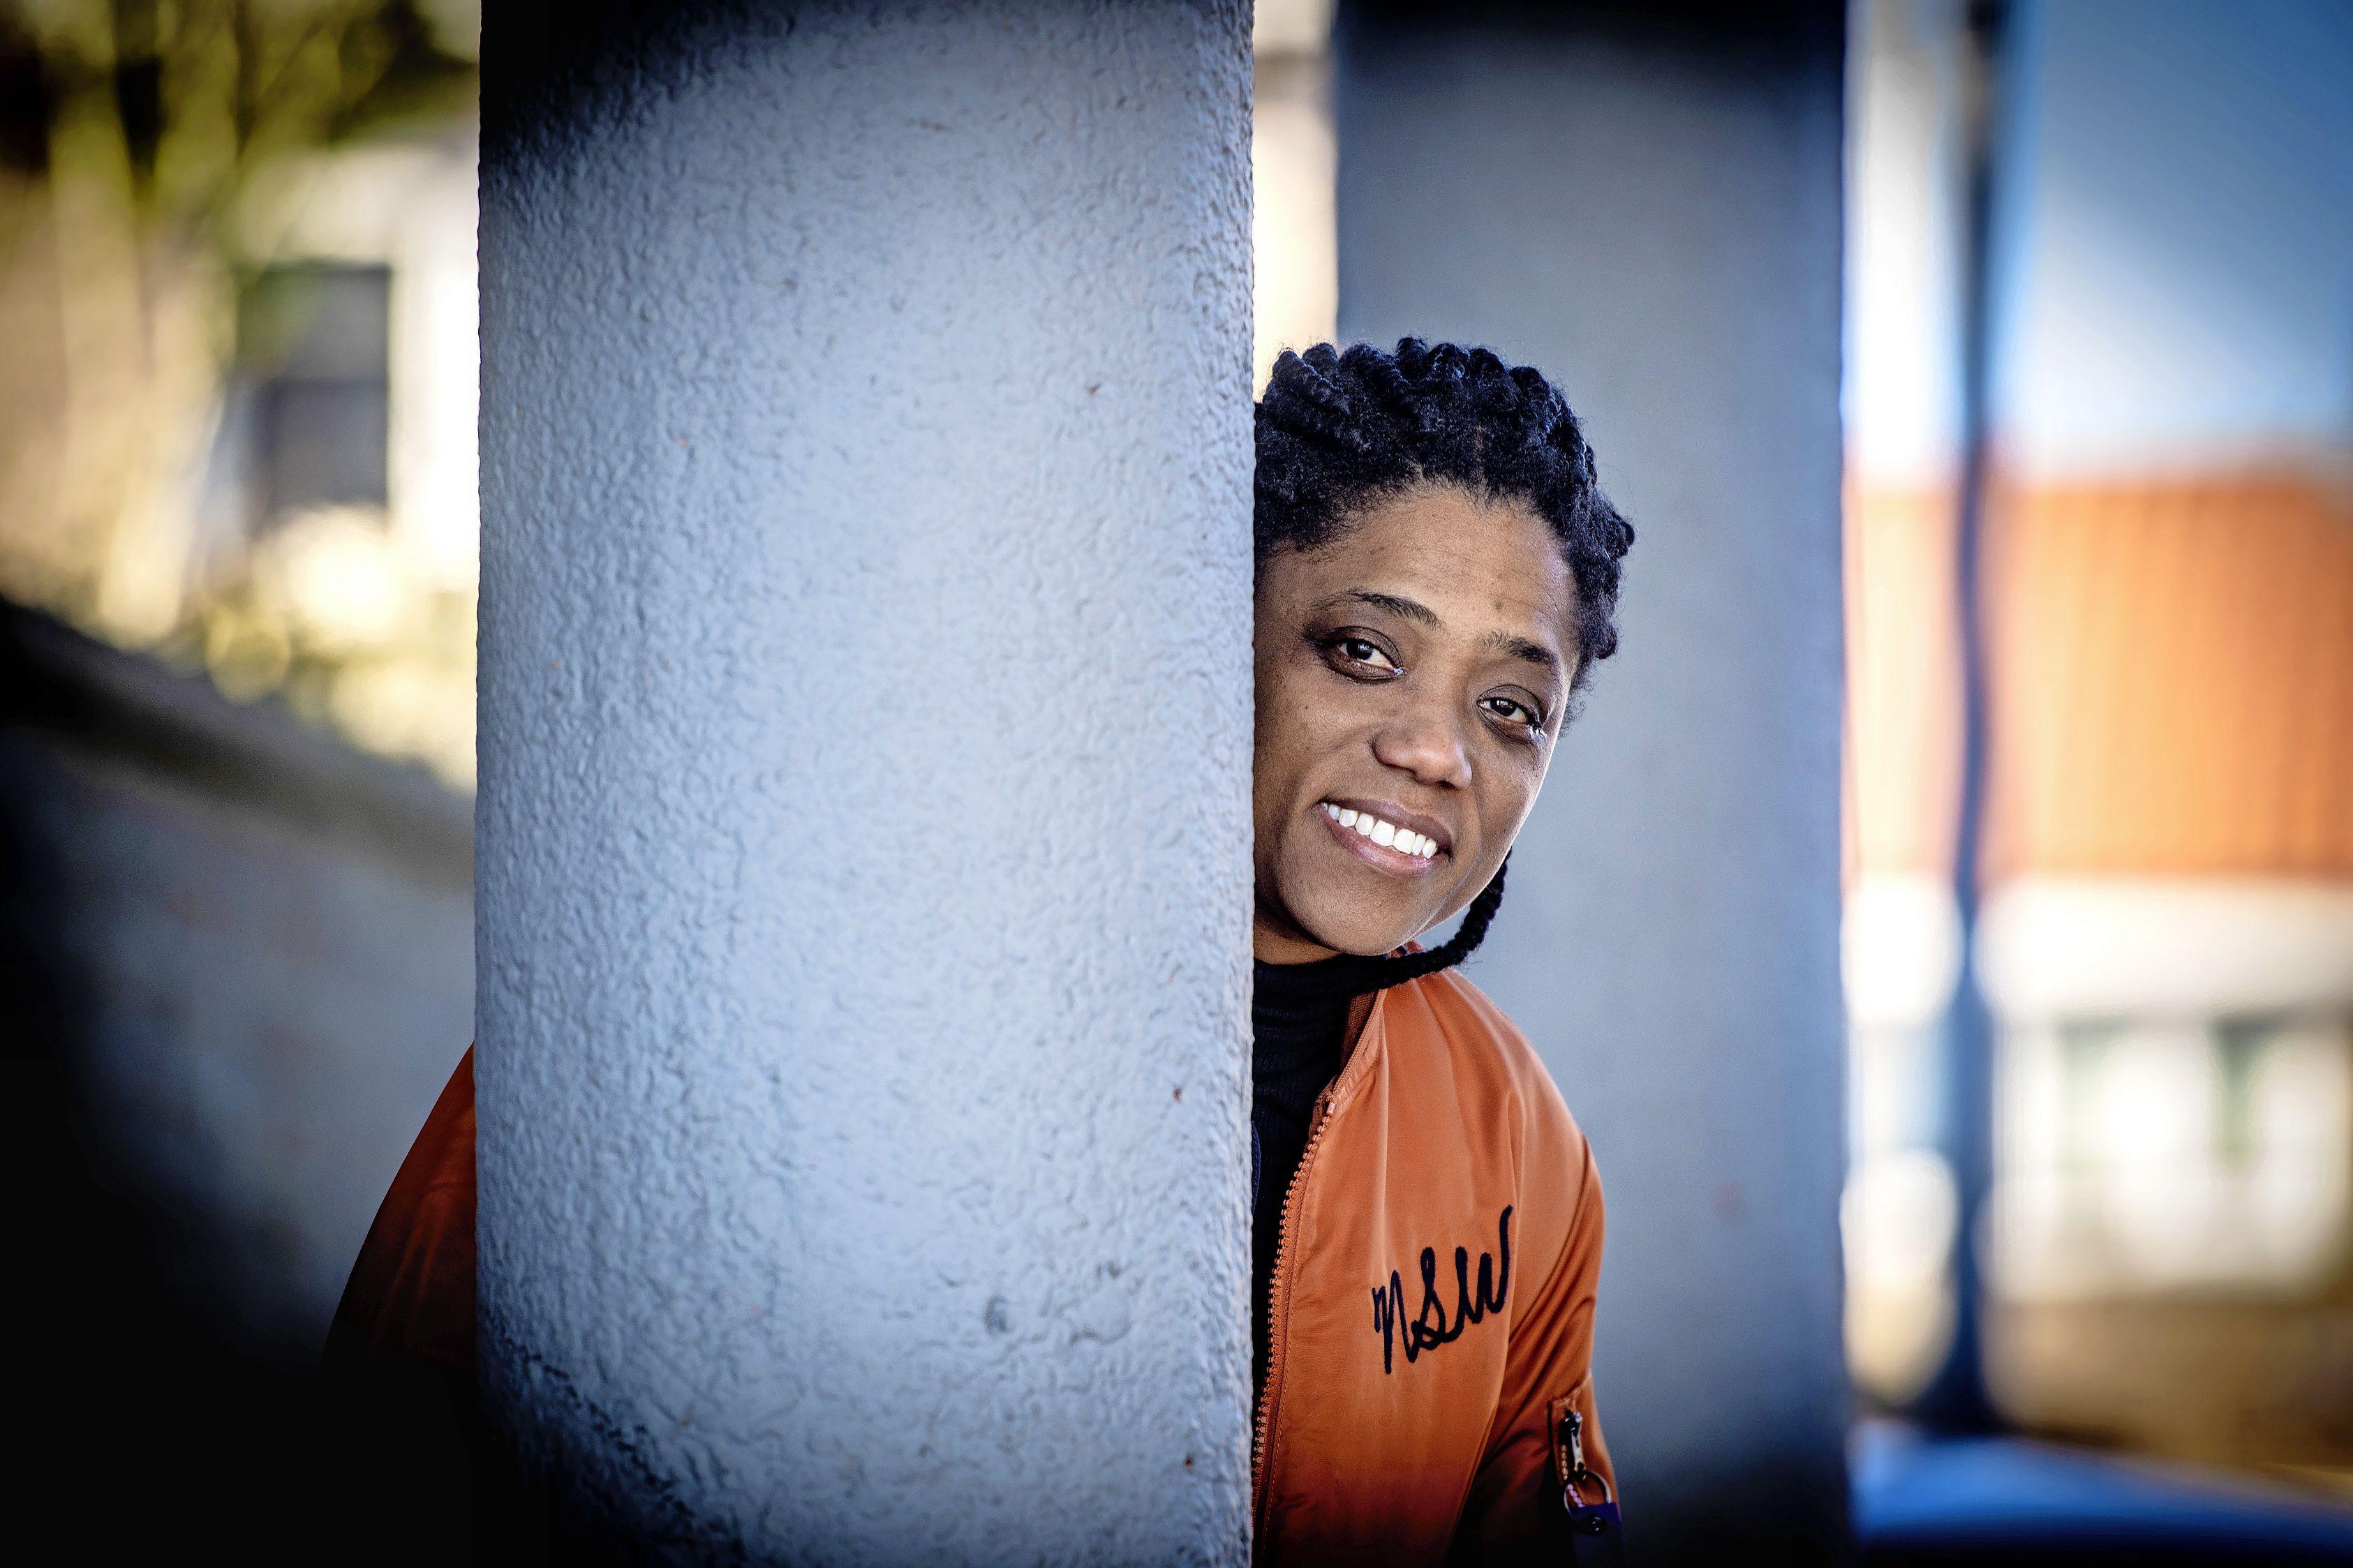 Dyanne Bito speelde 146 keer voor de Oranje Leeuwinnen maar miste de grote doorbraak: 'Natuurlijk denk je weleens wat als'